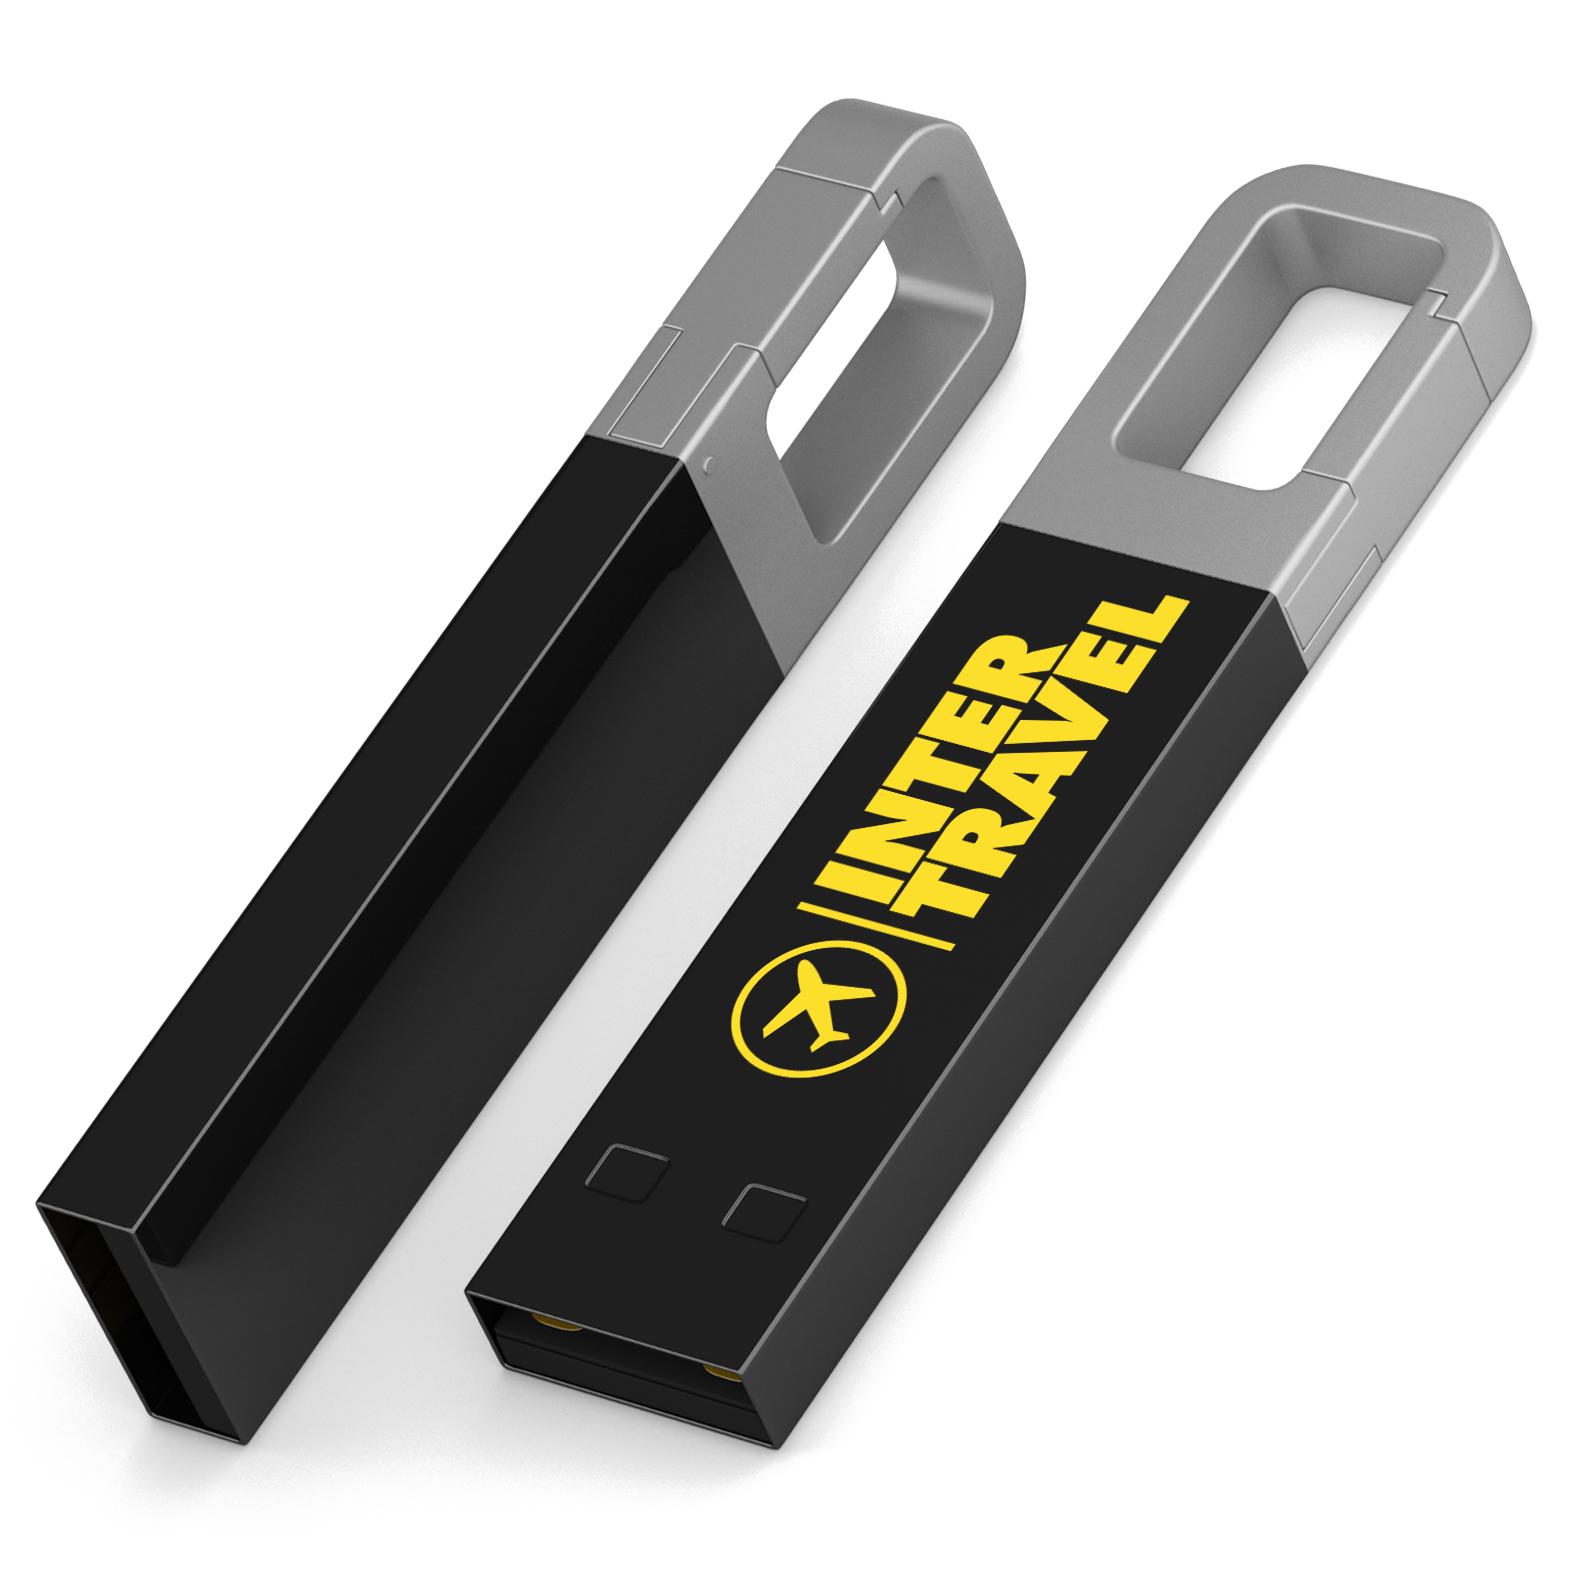 USB Stick bedruckt, Design USB Stick bedruckt, Werbemittel USB Stick Stick bedruckt. bedruckte Logo USB Sticks